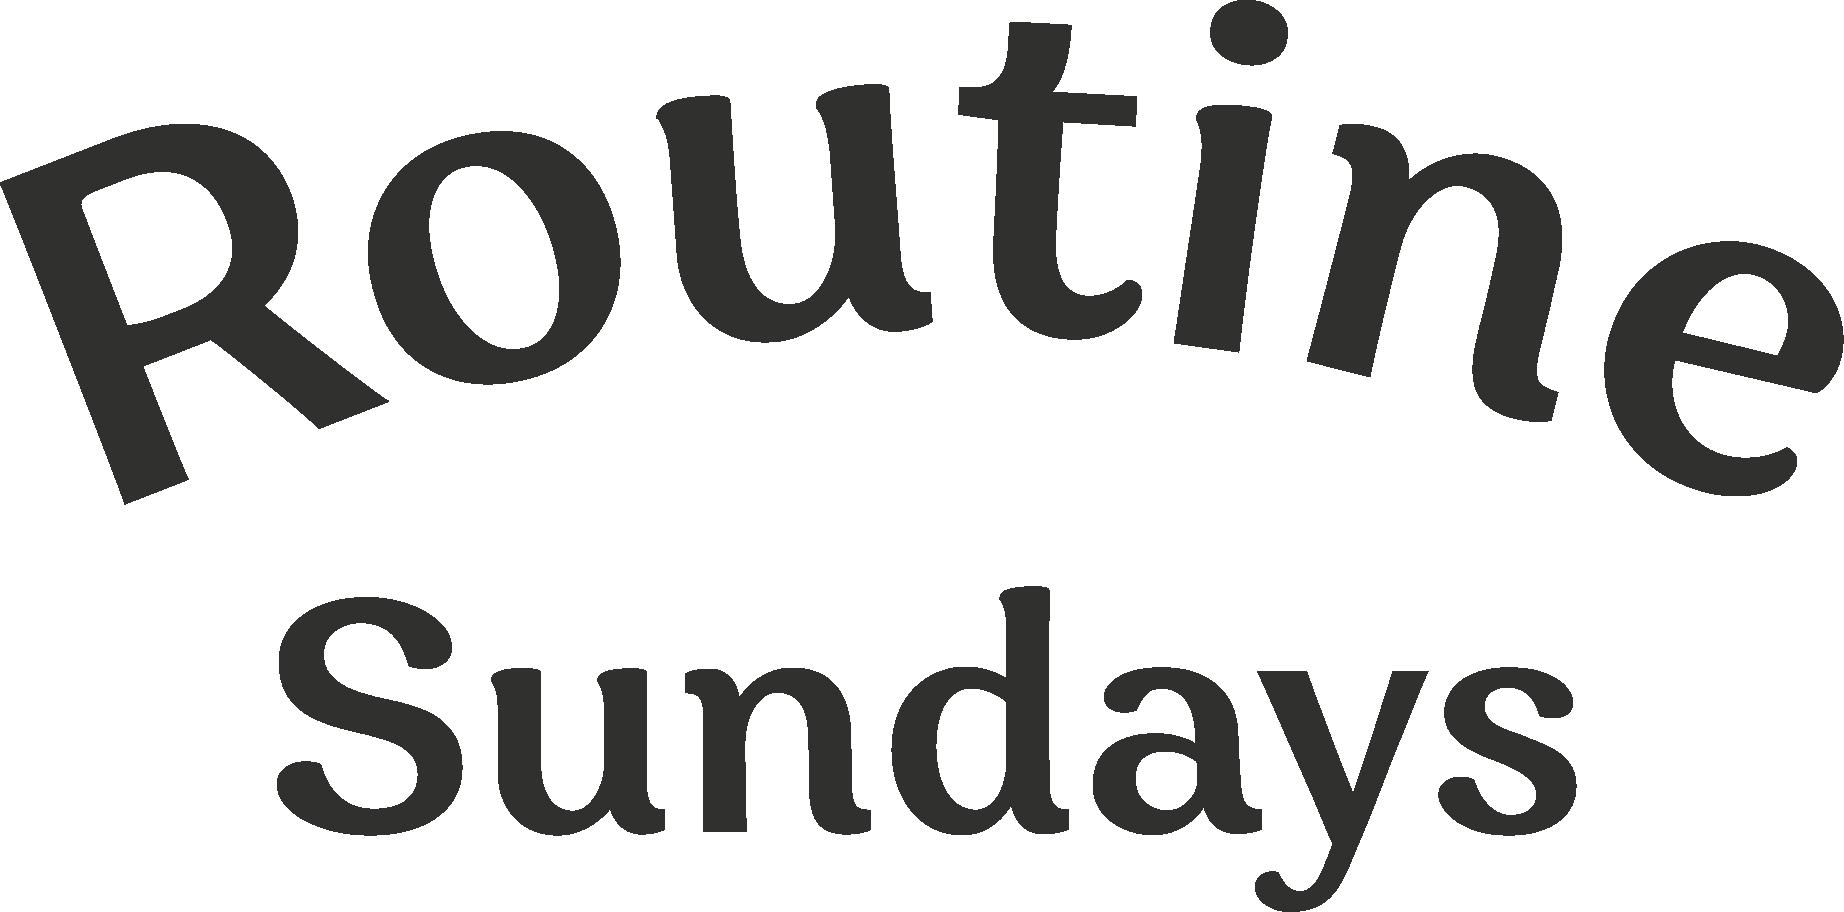 Routine Sundays